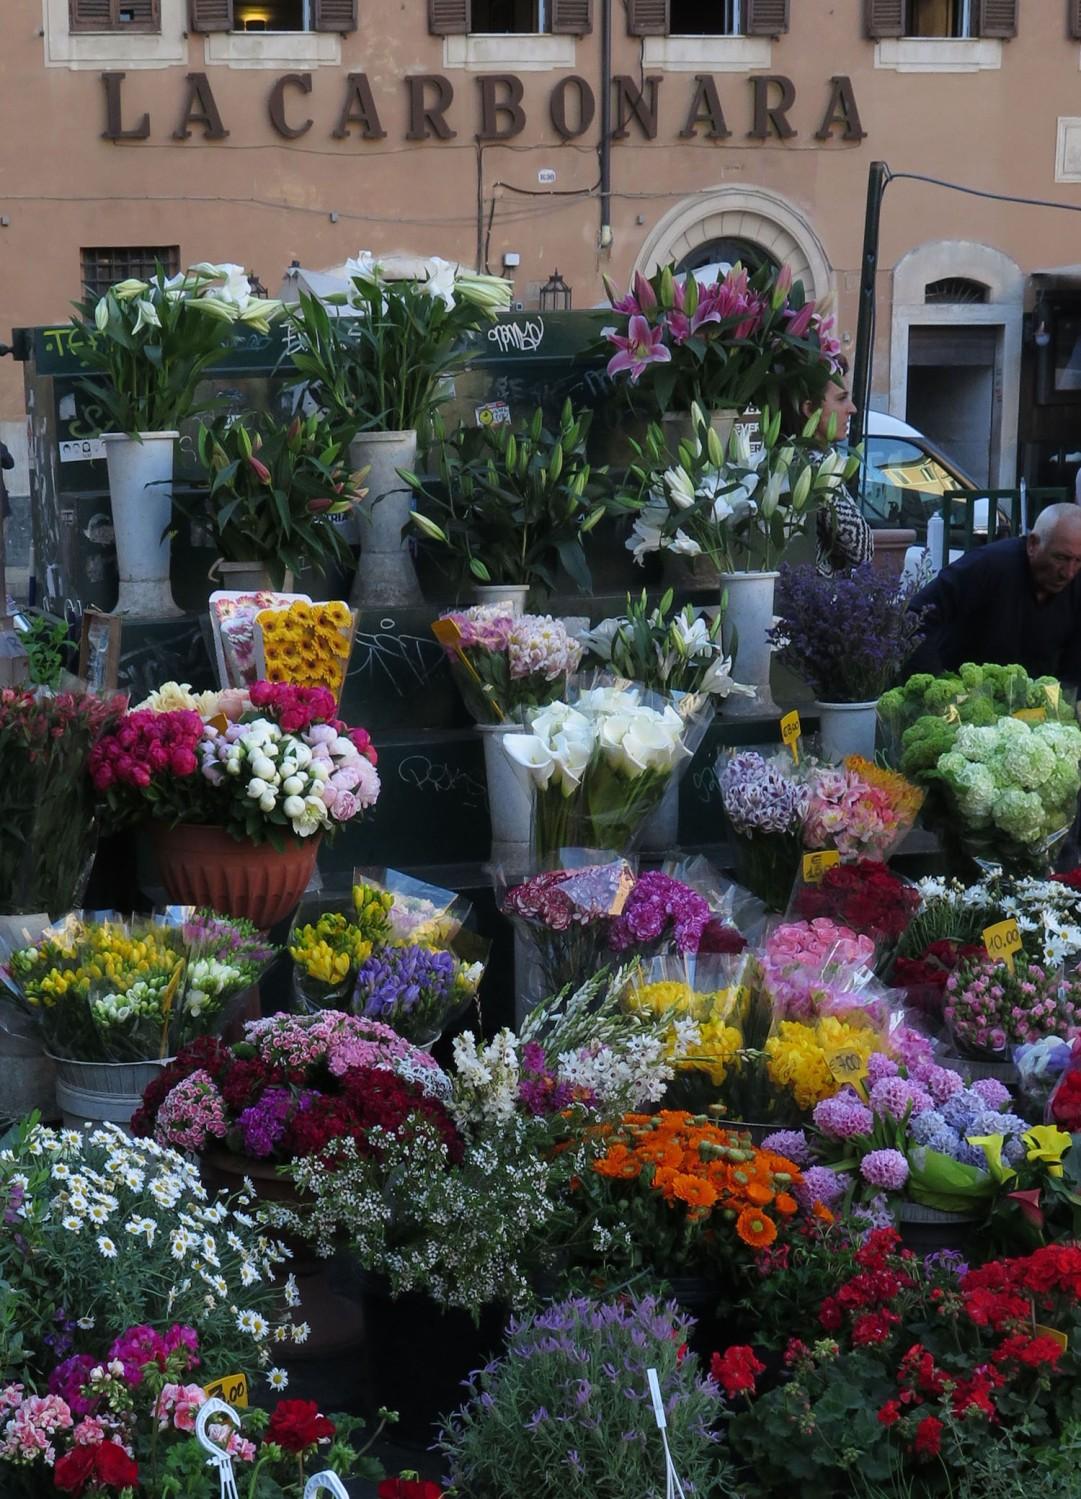 Italy-Rome-Street-Scenes-Flowers